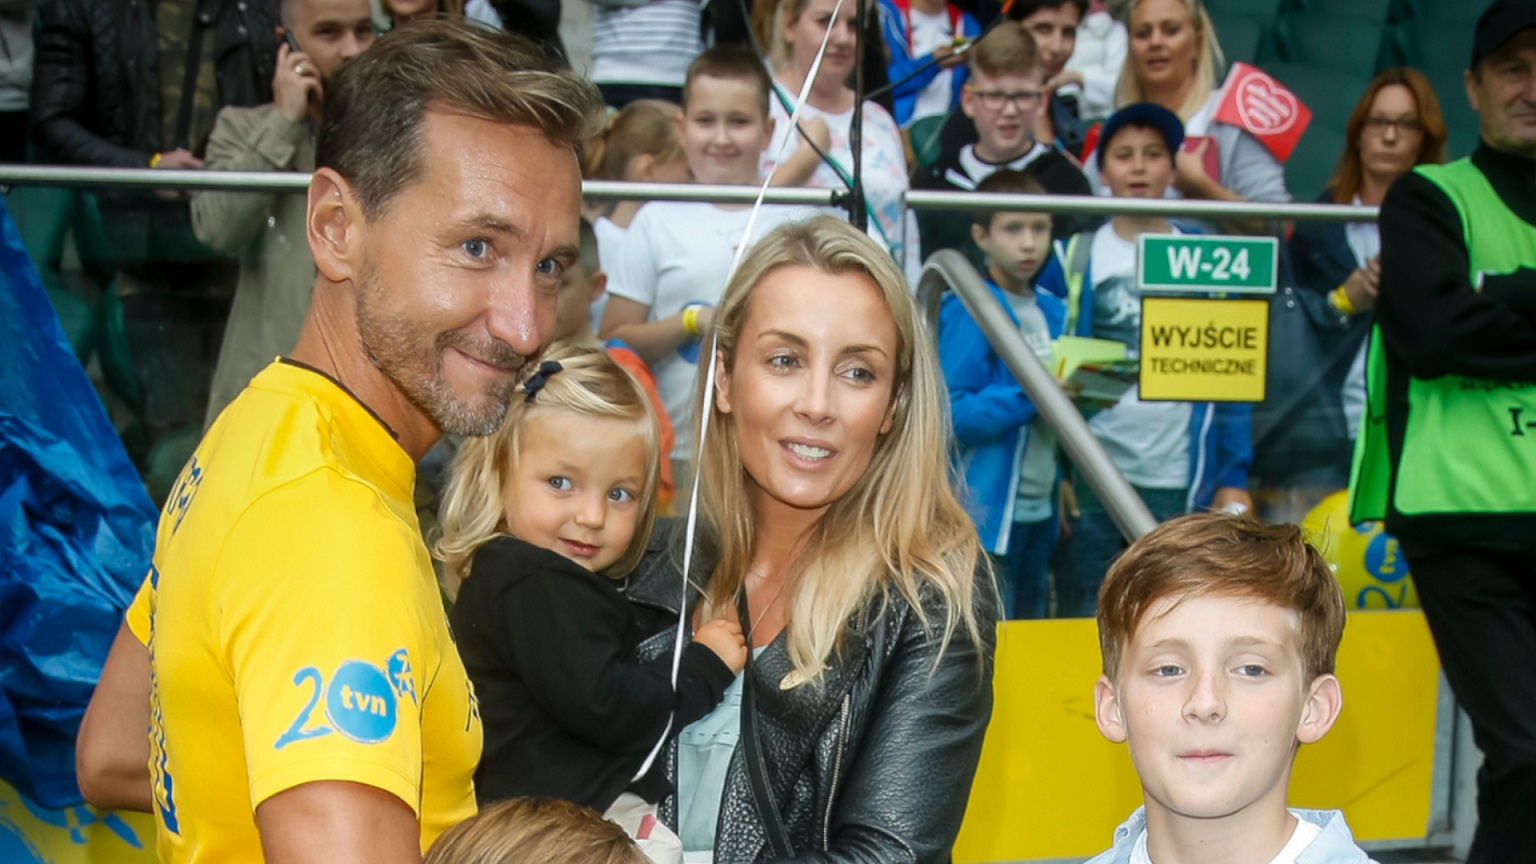 Piotr Kraśko i Karolina Ferenstein postanowili zmienić dziecku IMIĘ. Jak teraz będzie się nazywać?